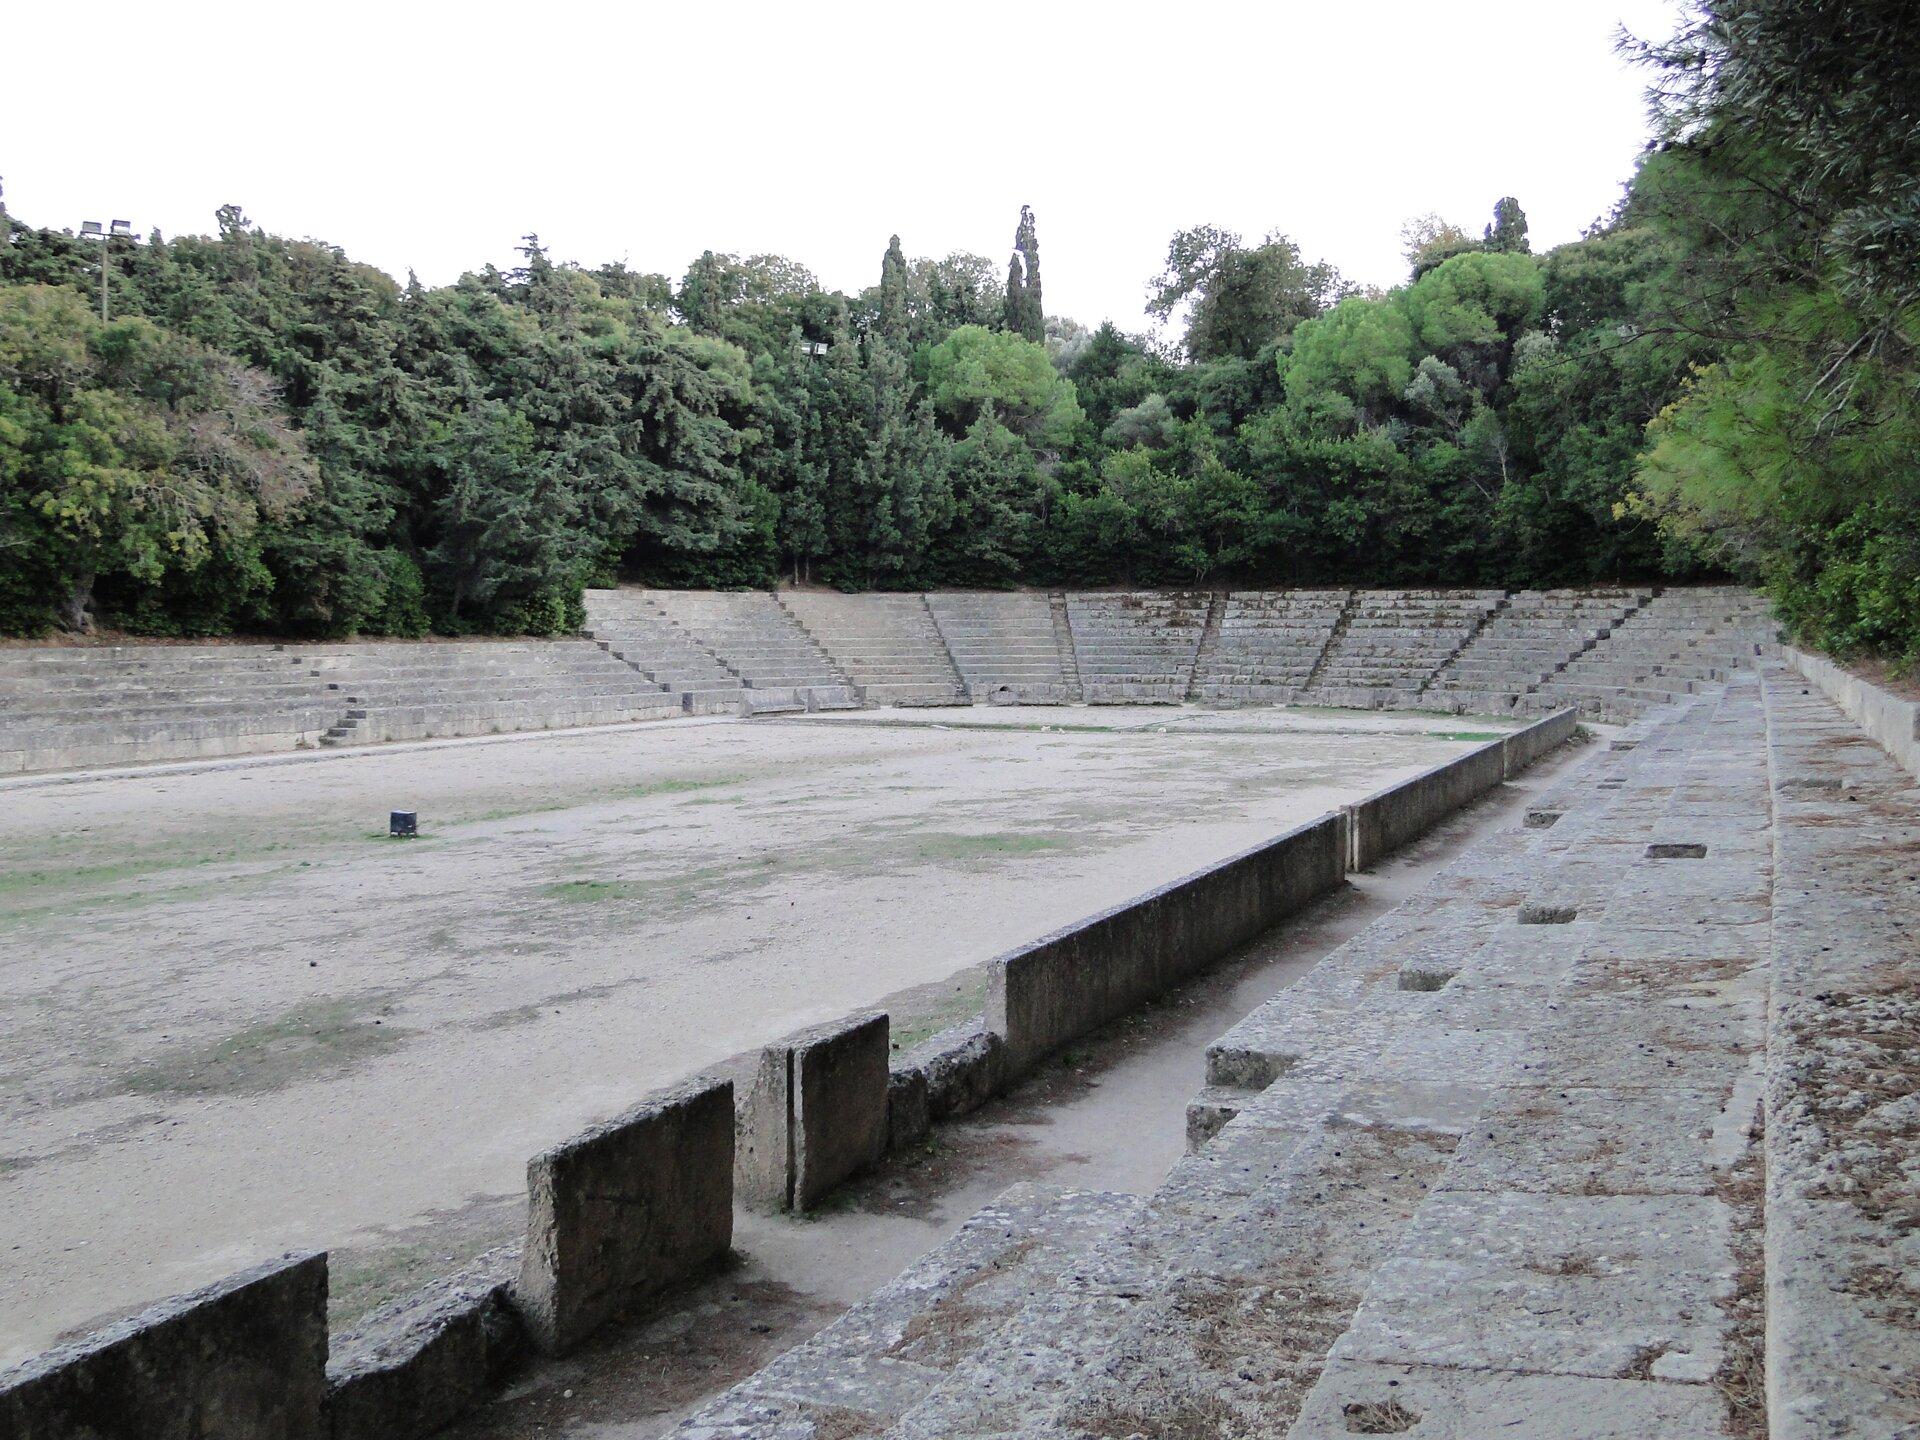 Stadion na wyspie Rodos Stadion na wyspie Rodos Źródło: Bernard Gagnon, Wikimedia Commons, licencja: CC BY-SA 3.0.